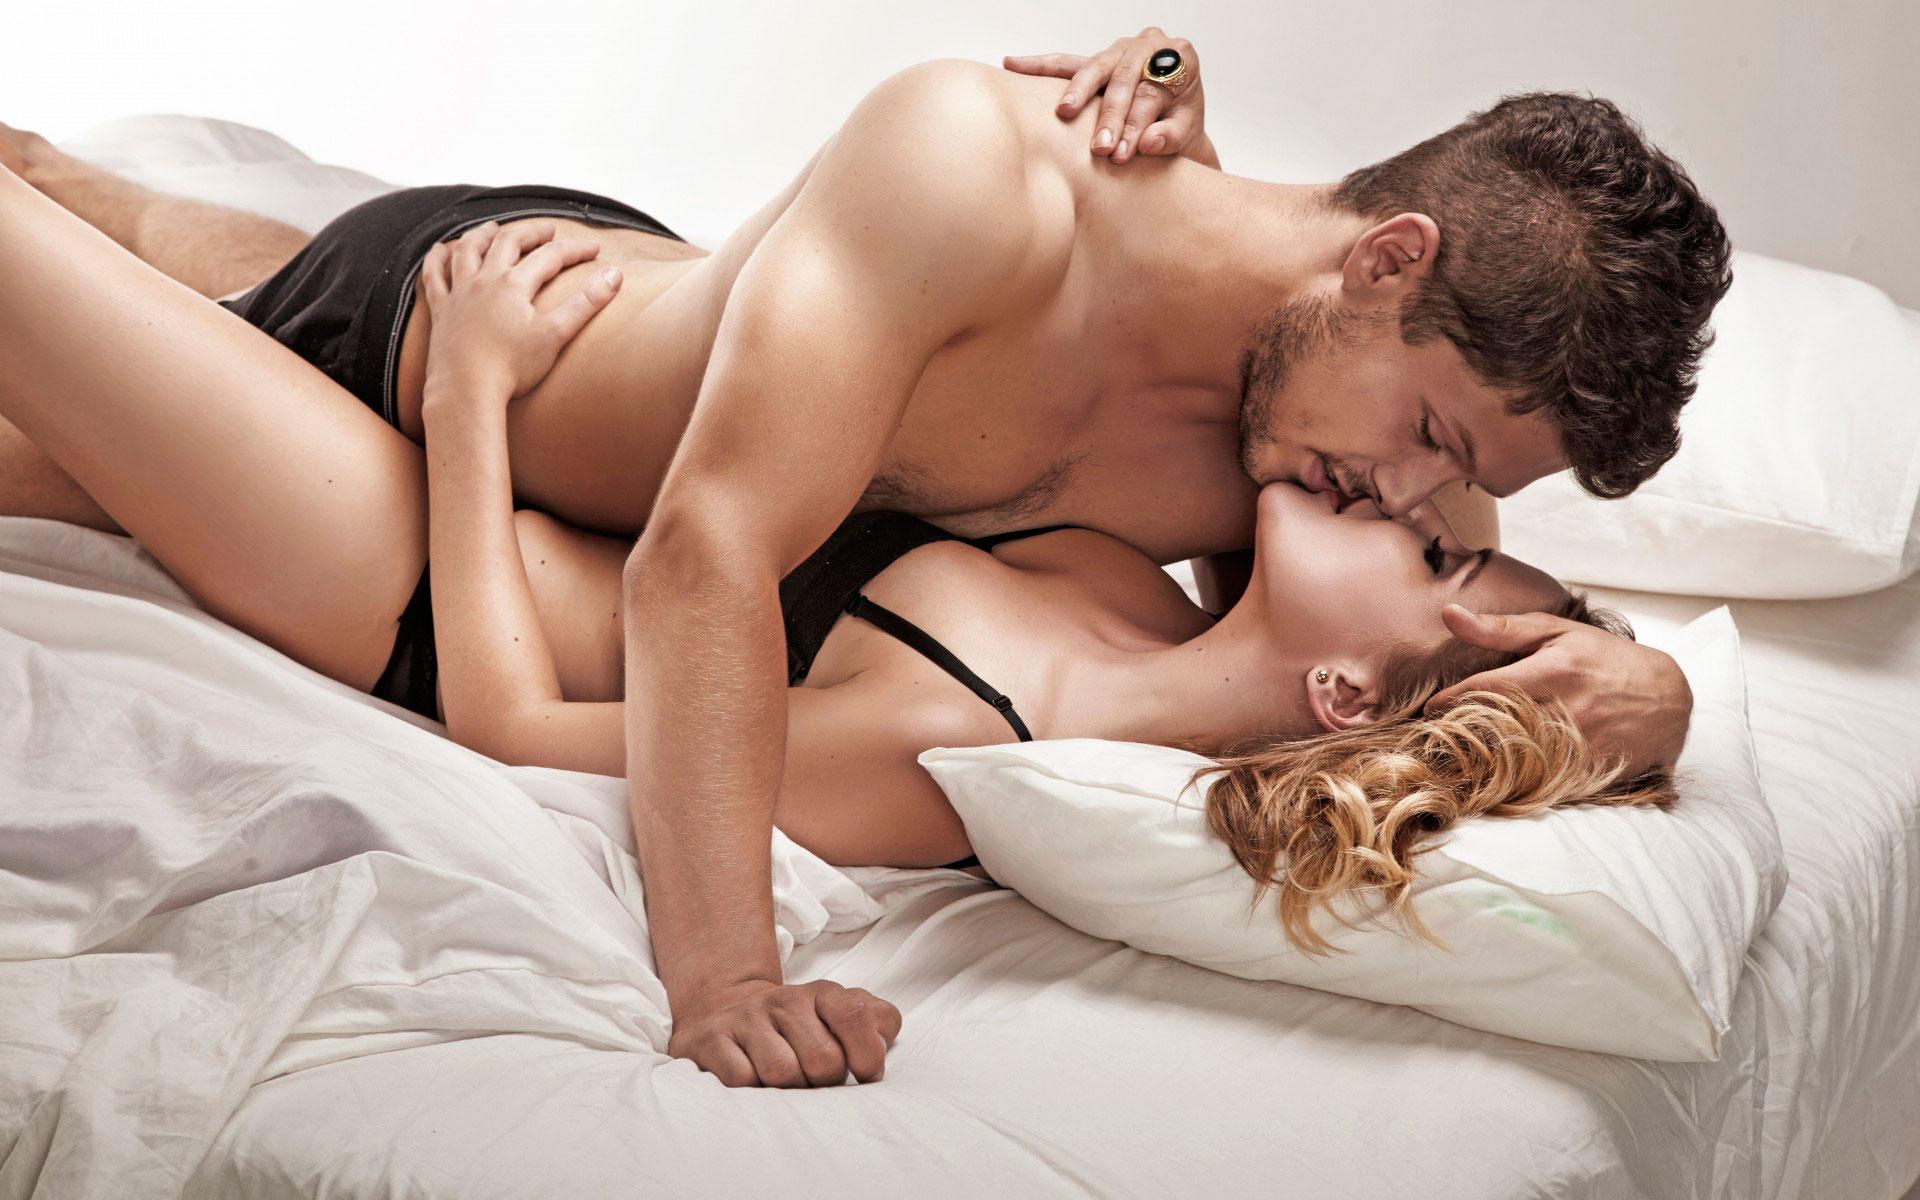 Секс как доставить удовольствие друг другу